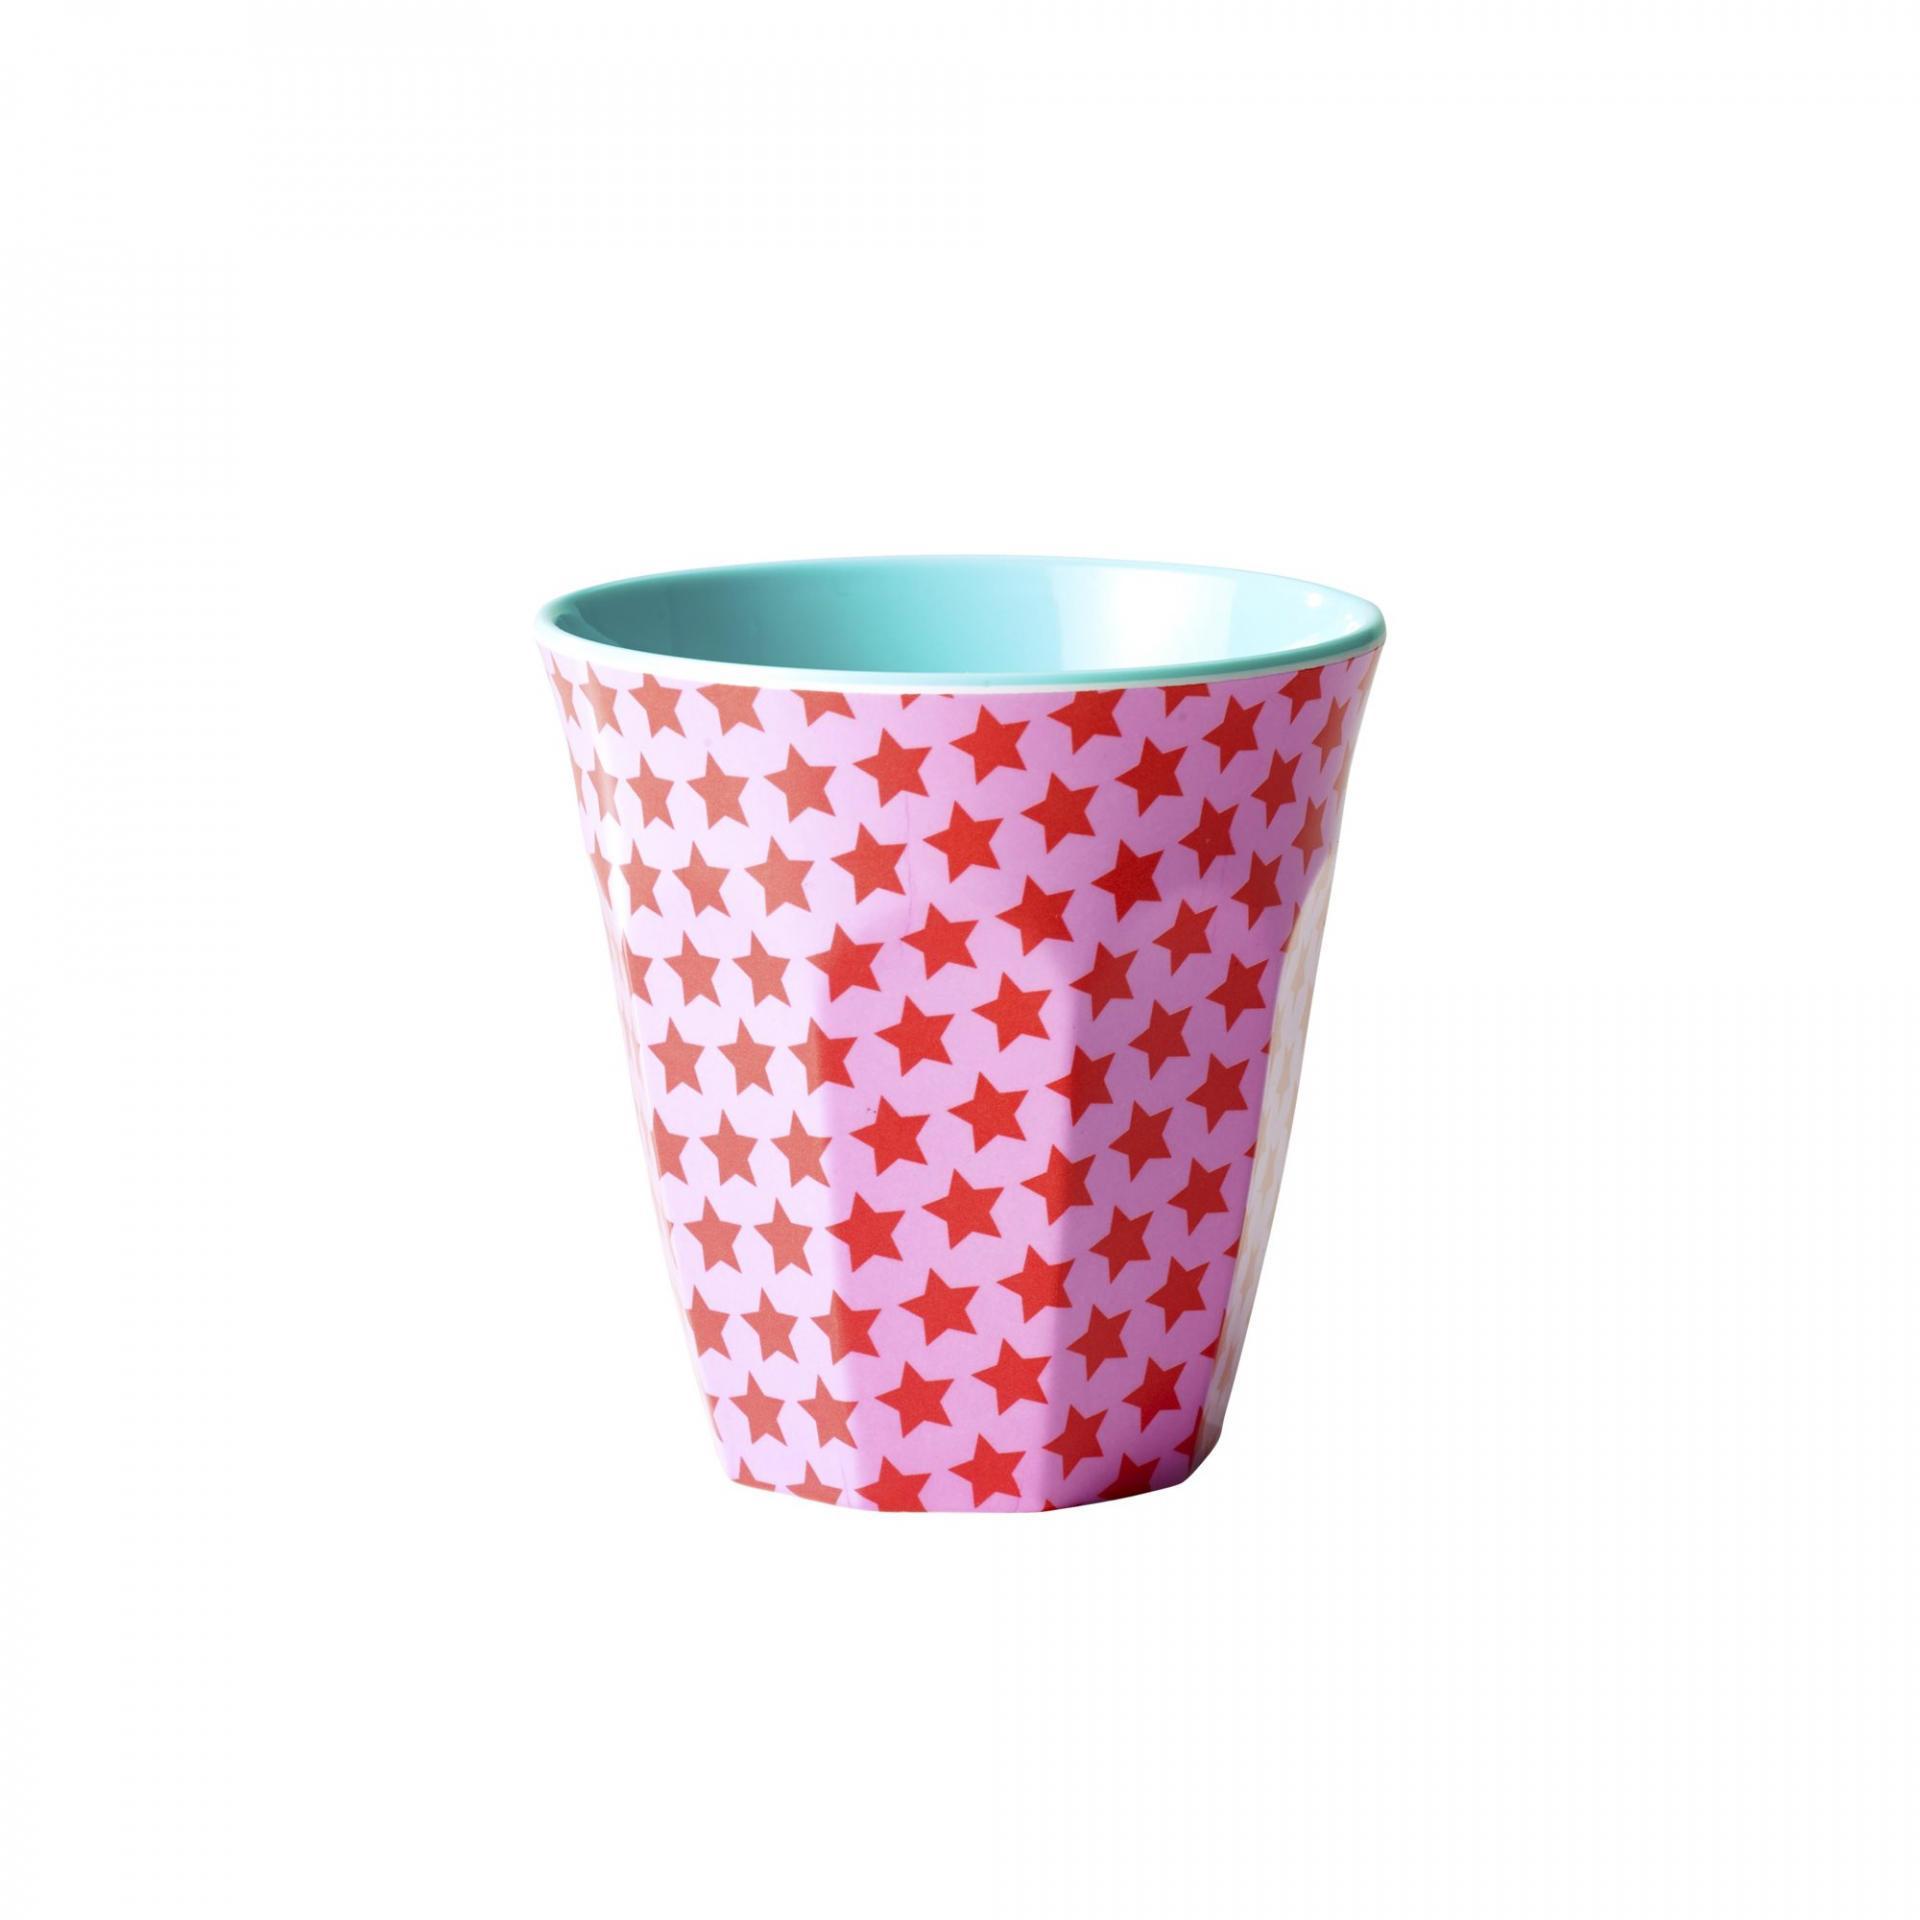 rice Melaminový pohárek Girls star blue, červená barva, růžová barva, modrá barva, melamin